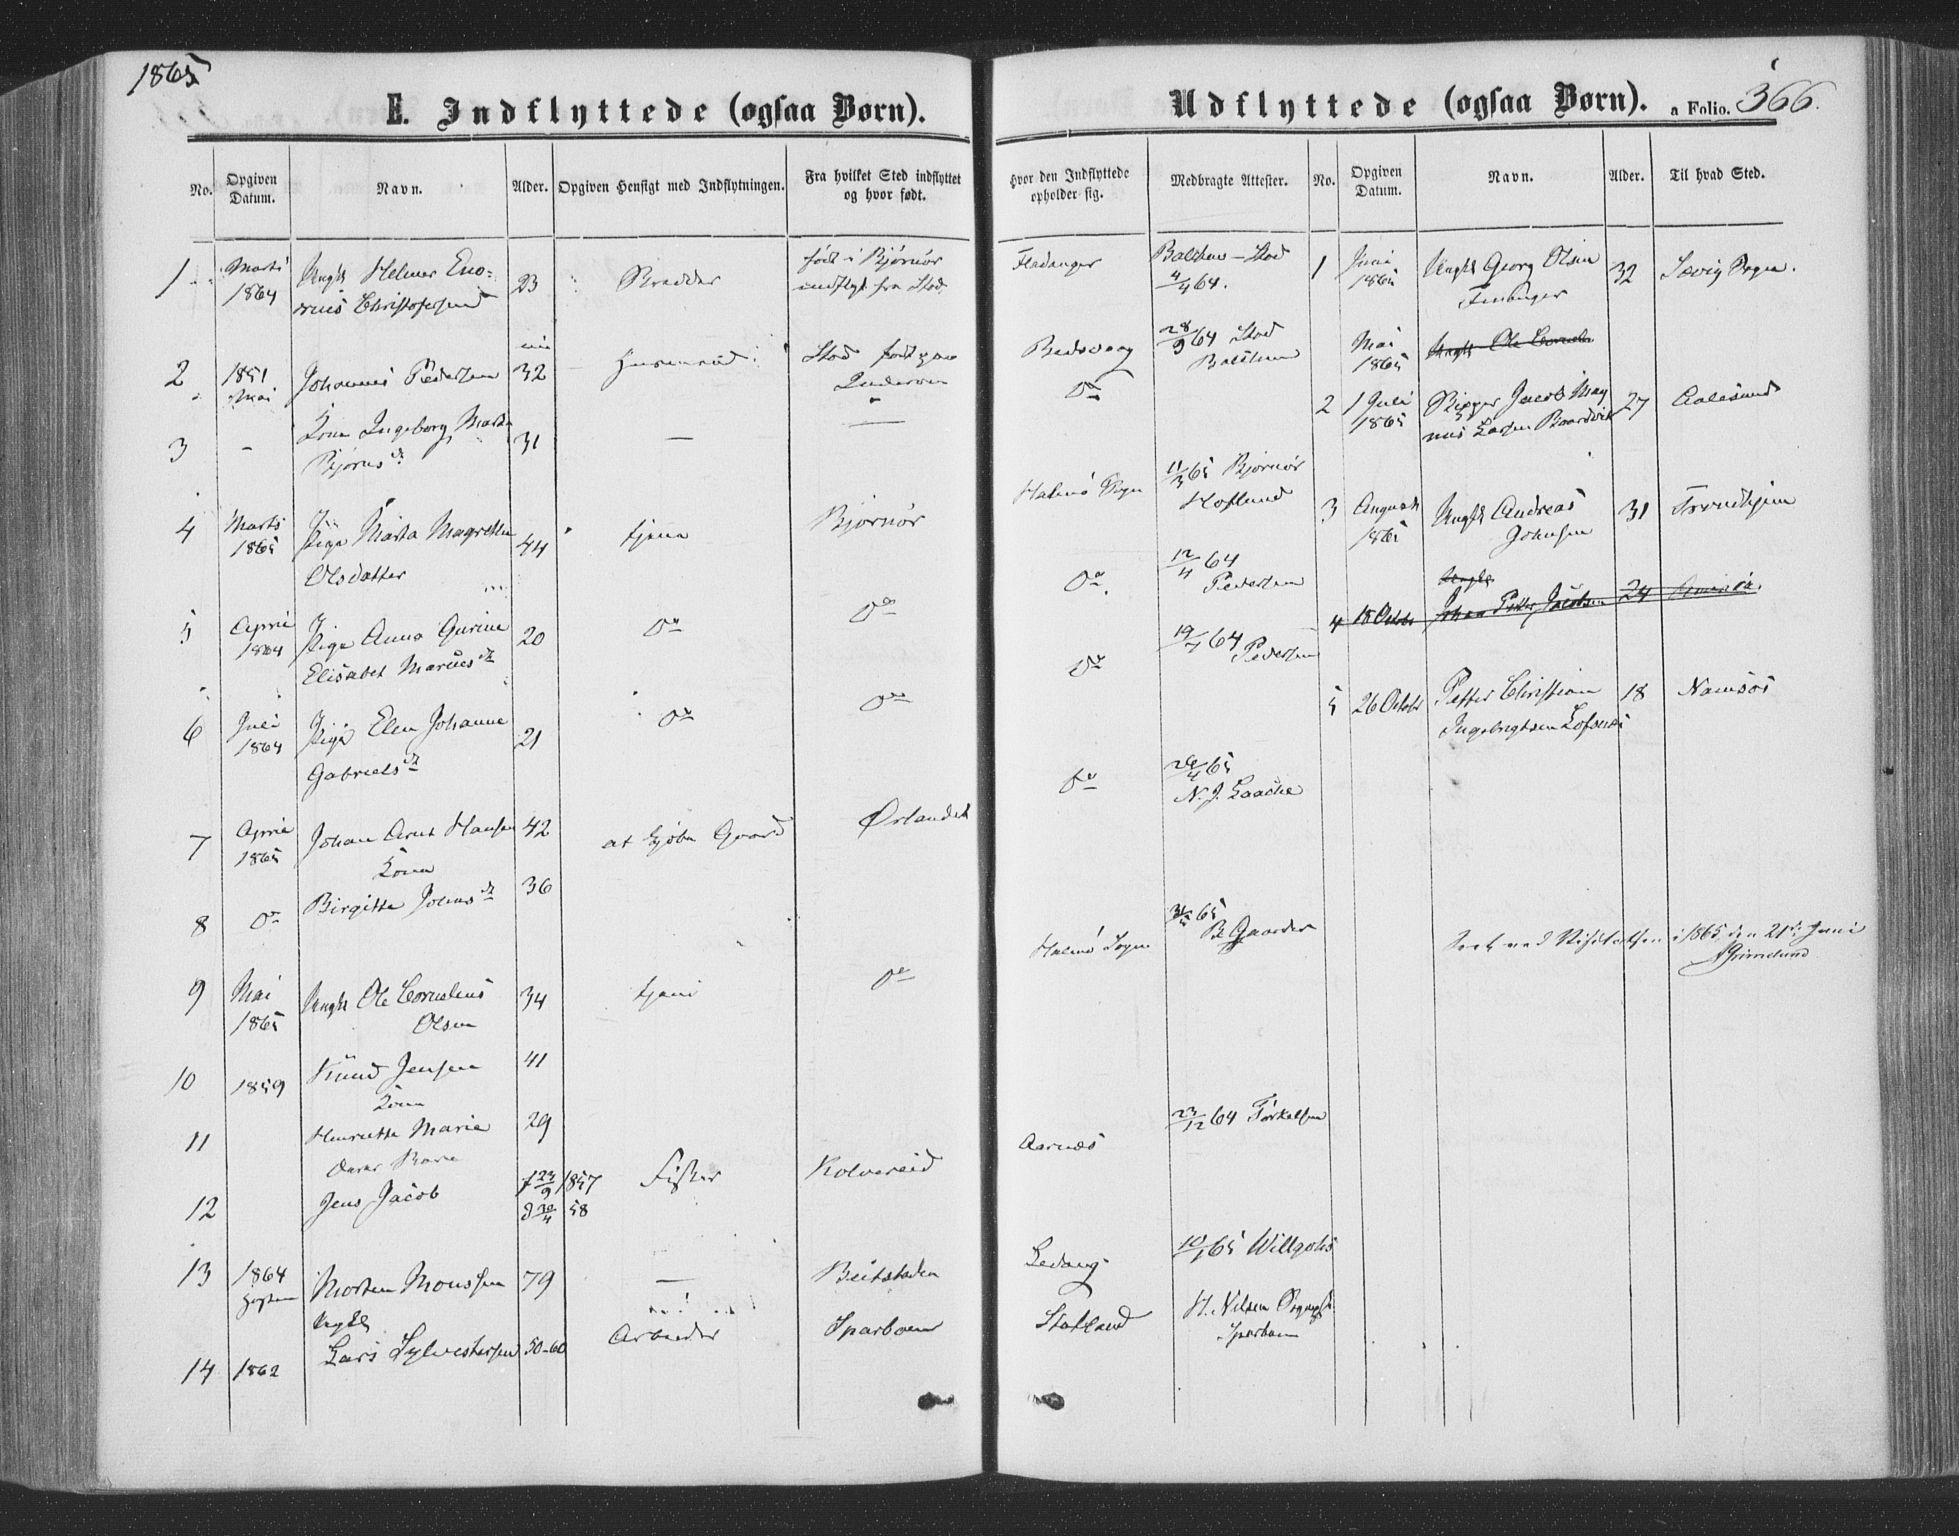 SAT, Ministerialprotokoller, klokkerbøker og fødselsregistre - Nord-Trøndelag, 773/L0615: Ministerialbok nr. 773A06, 1857-1870, s. 366